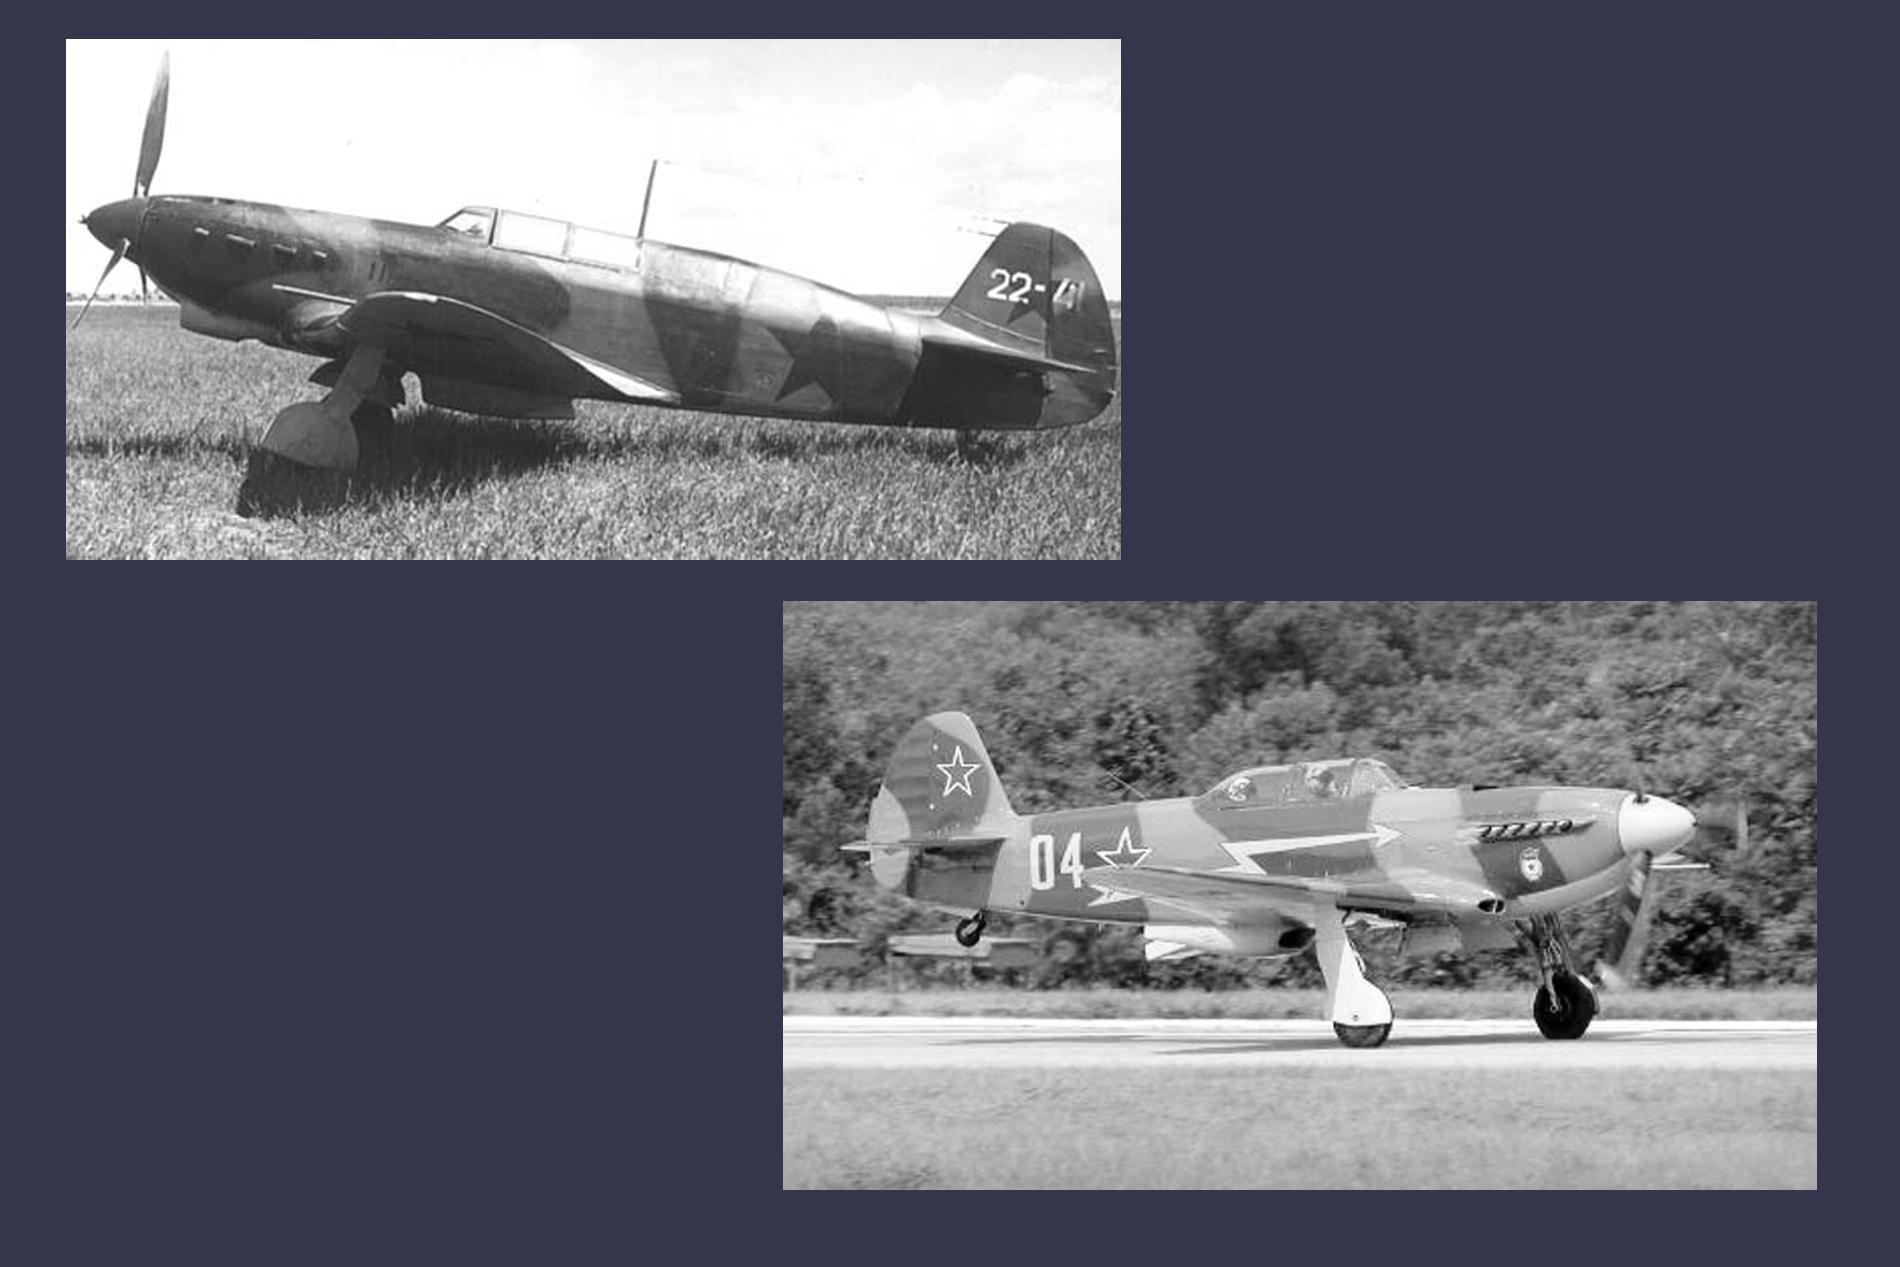 ЯК-7 и ЯК-9. Фото ©Wikipedia